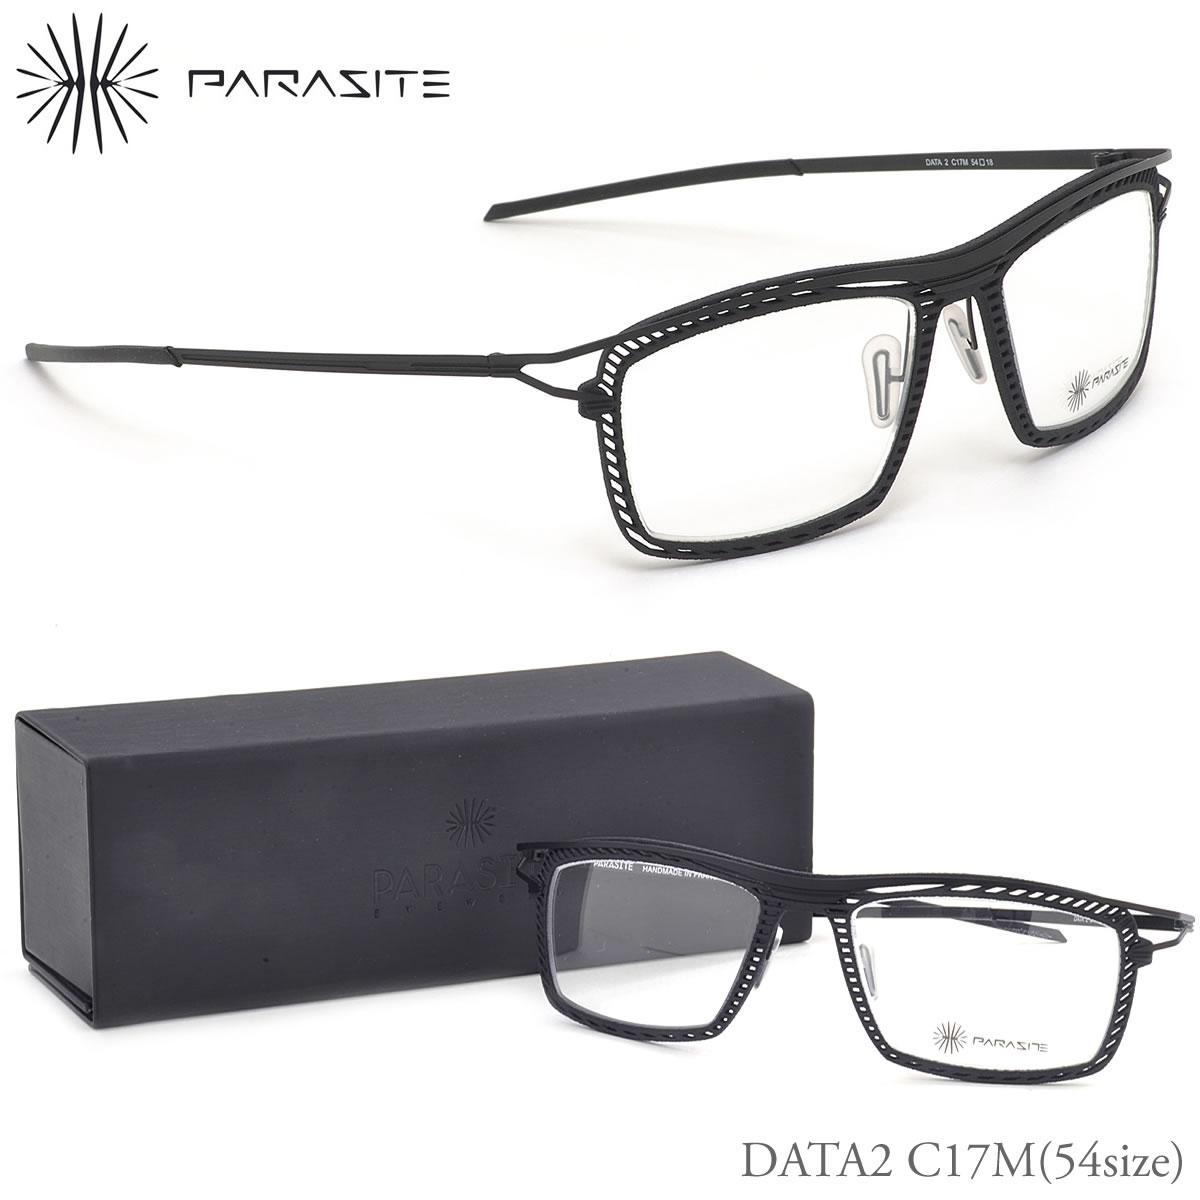 【10月30日からエントリーで全品ポイント20倍】【パラサイト】 (PARASITE) メガネDATA2 C17M 54サイズデータ2 データ アンチマター ANTI-MATTER ANTI MATTERPARASITE 伊達メガネレンズ無料 メンズ レディース